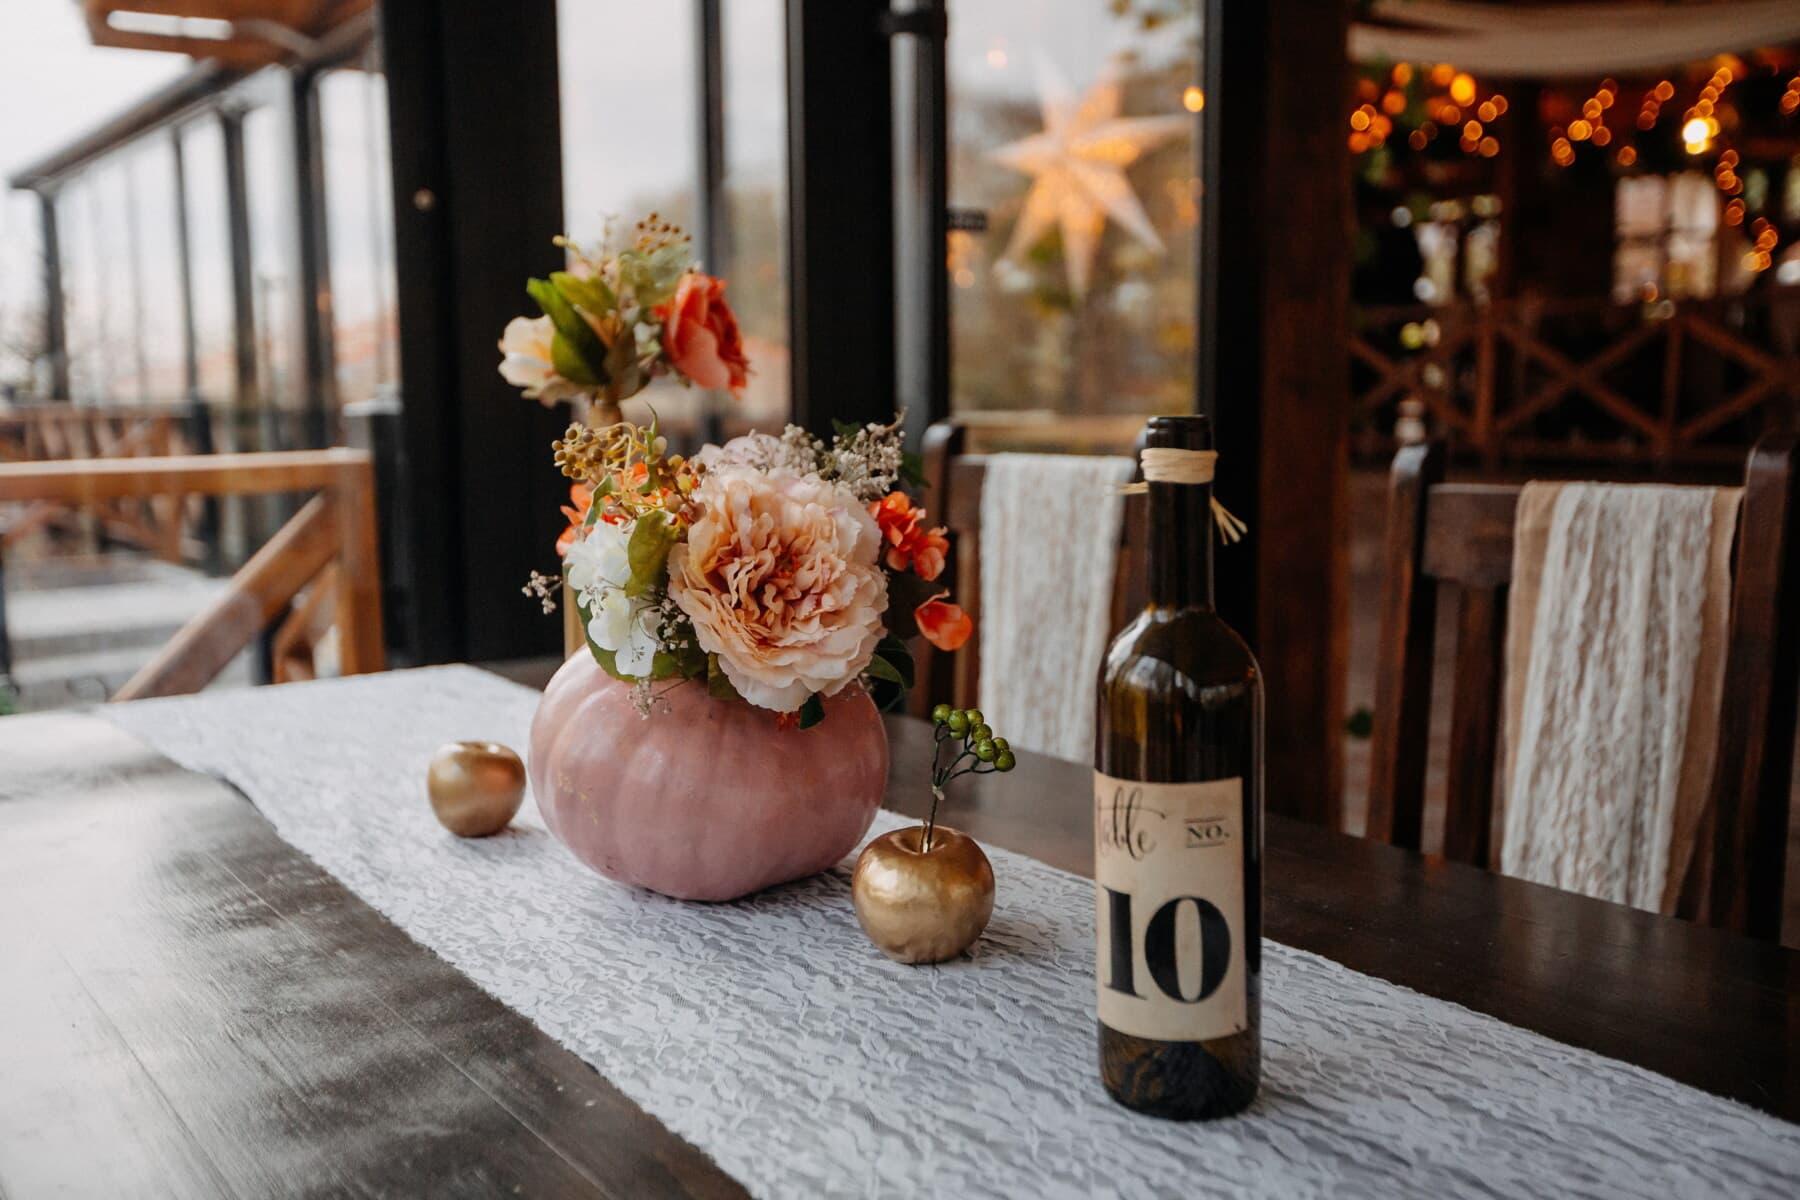 Cafeteria, Restaurant, Rotwein, Blumenstrauß, Vase, Tabelle, Wein, Container, Flasche, Interieur-design